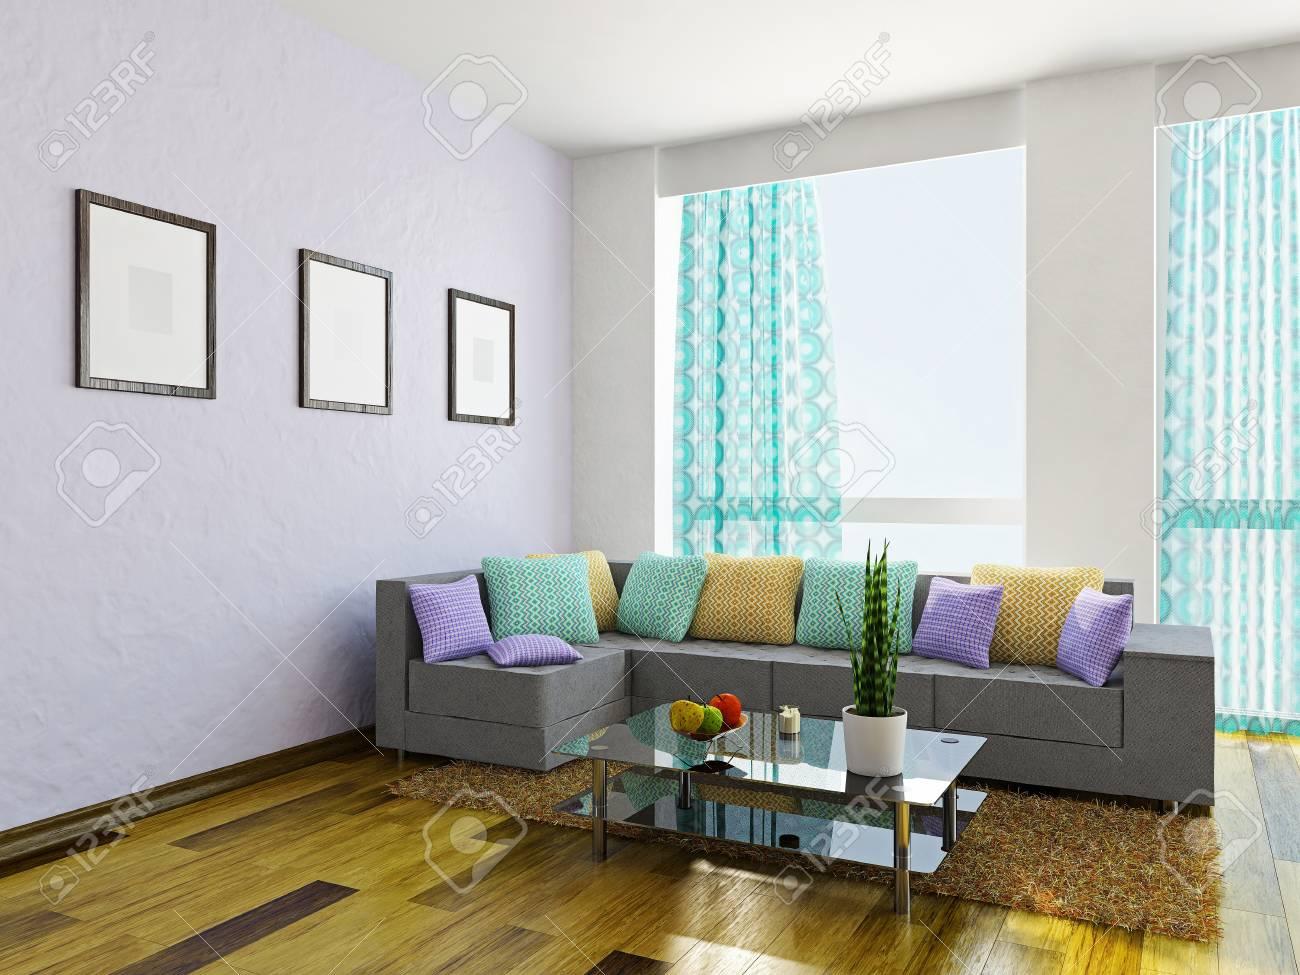 Soggiorno con un divano e un tavolo in vetro